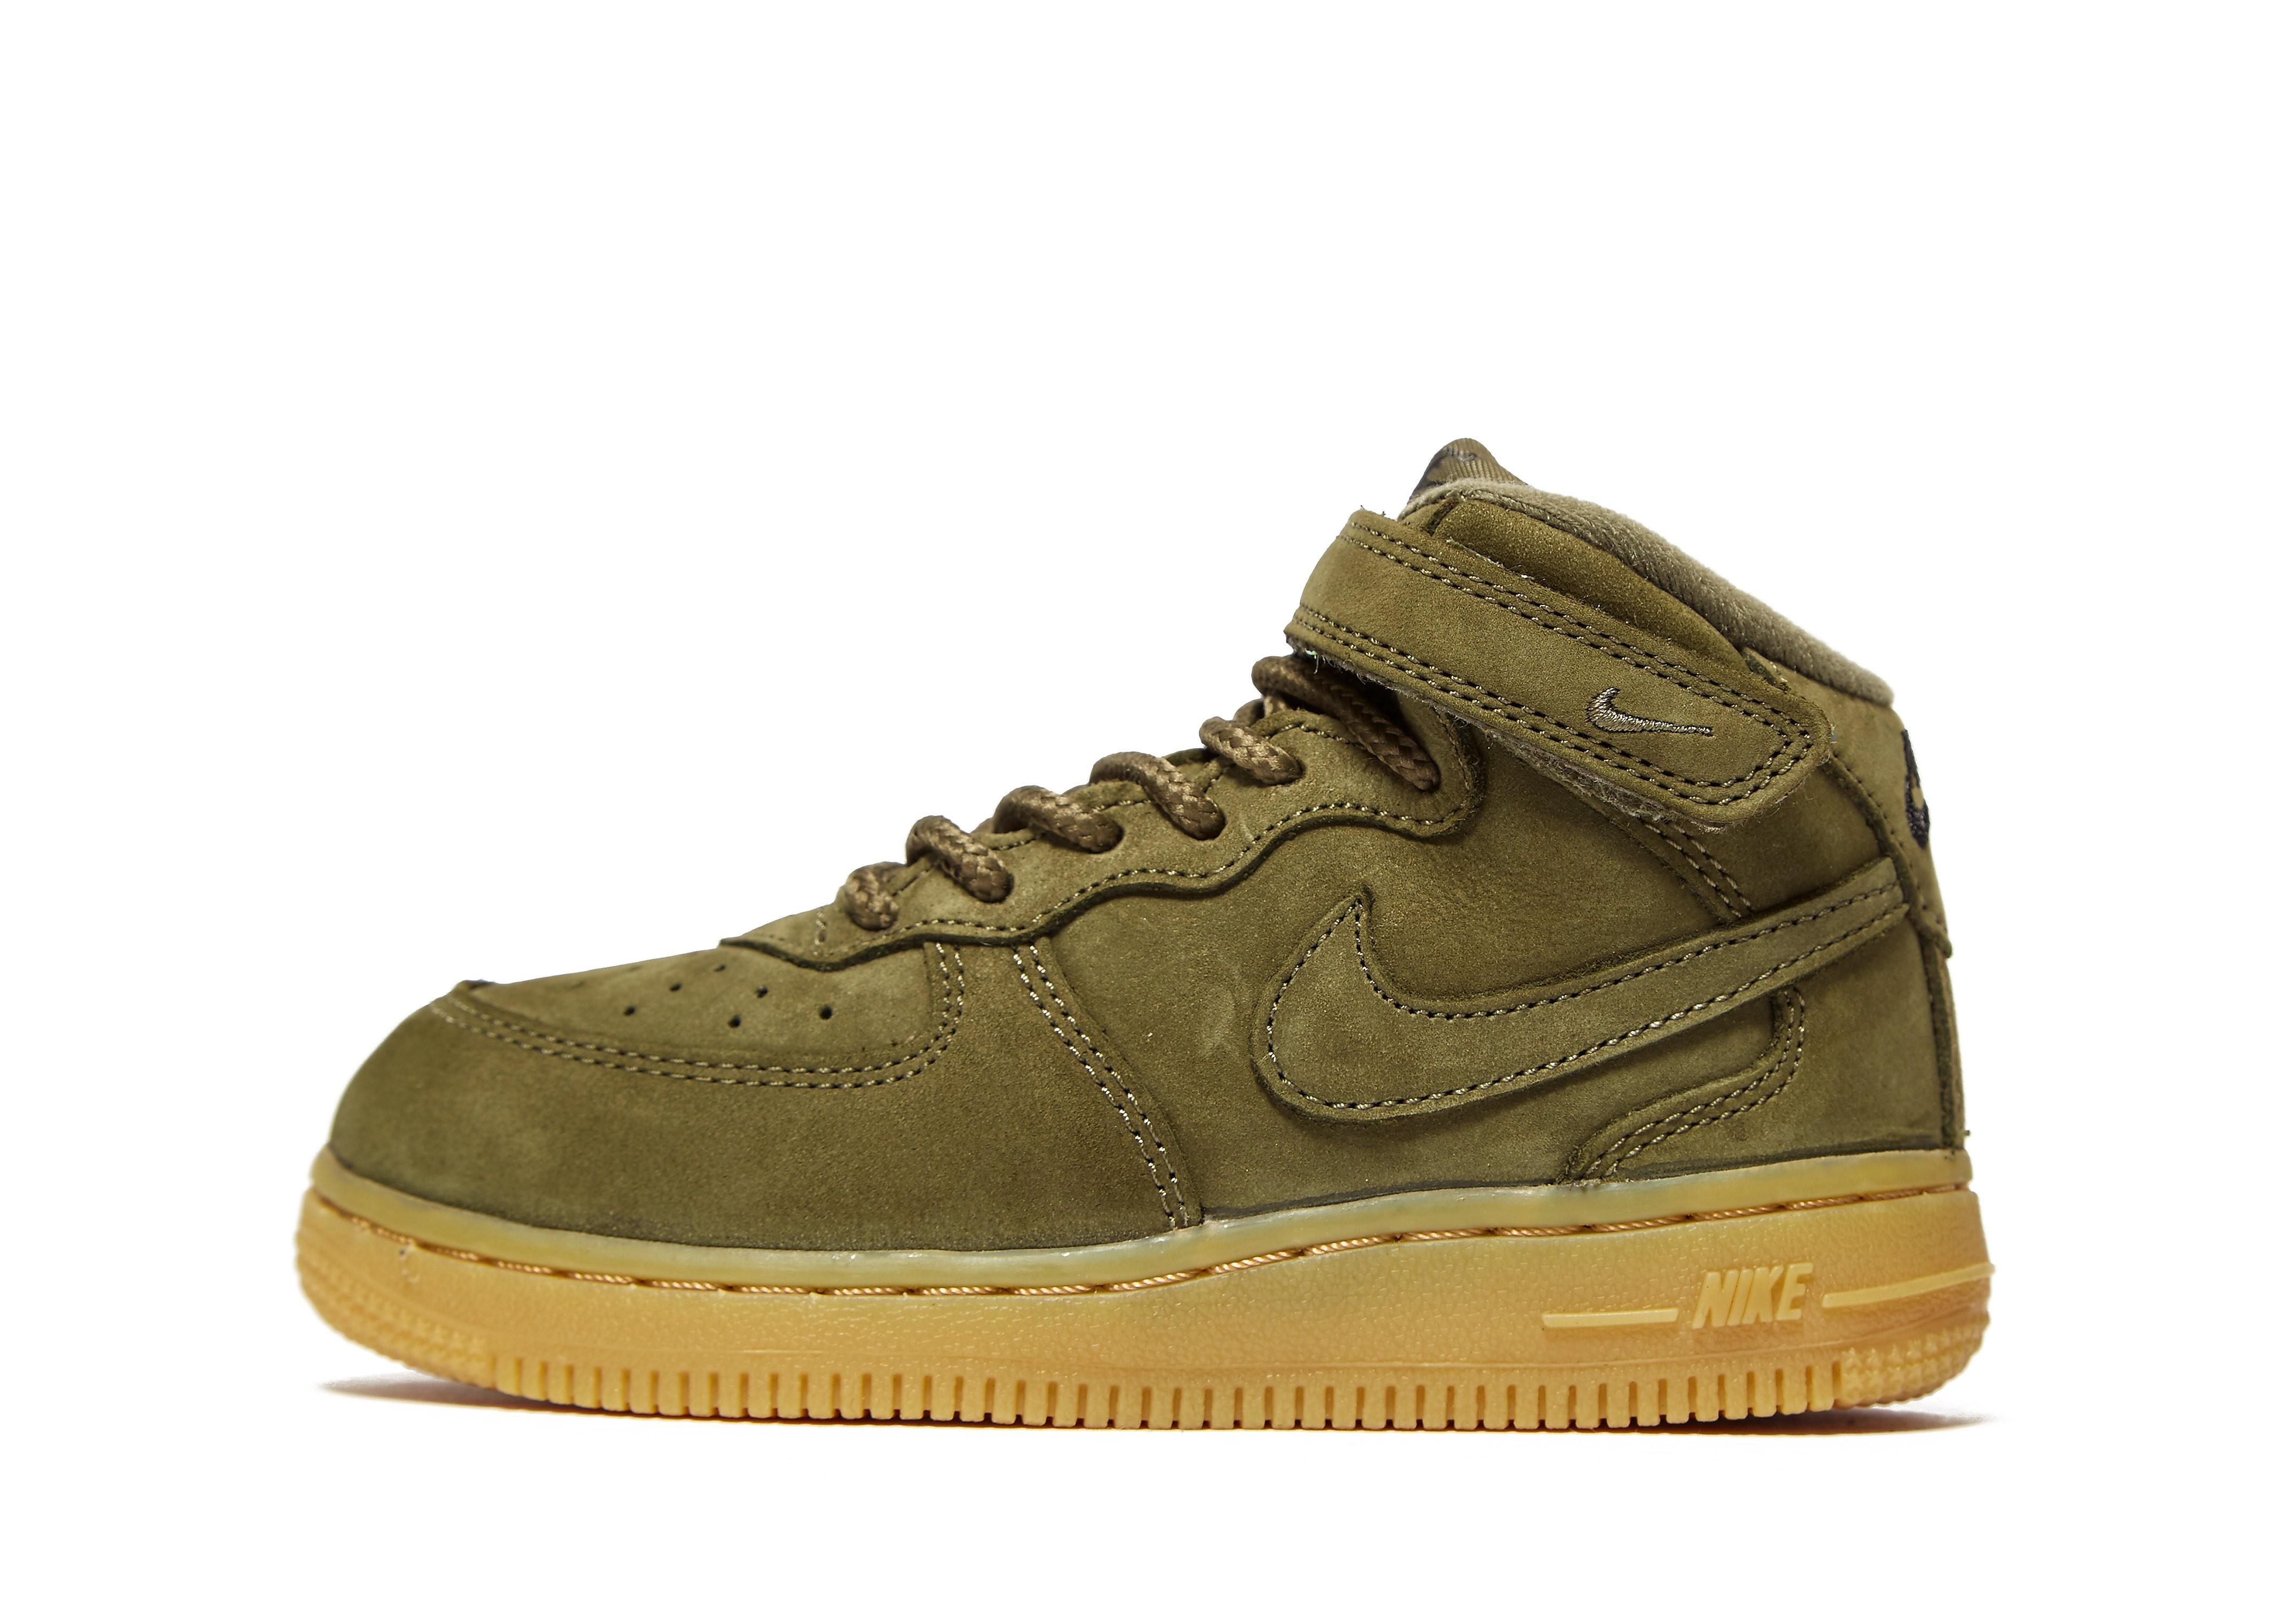 Nike Air Force 1 High WB Infant